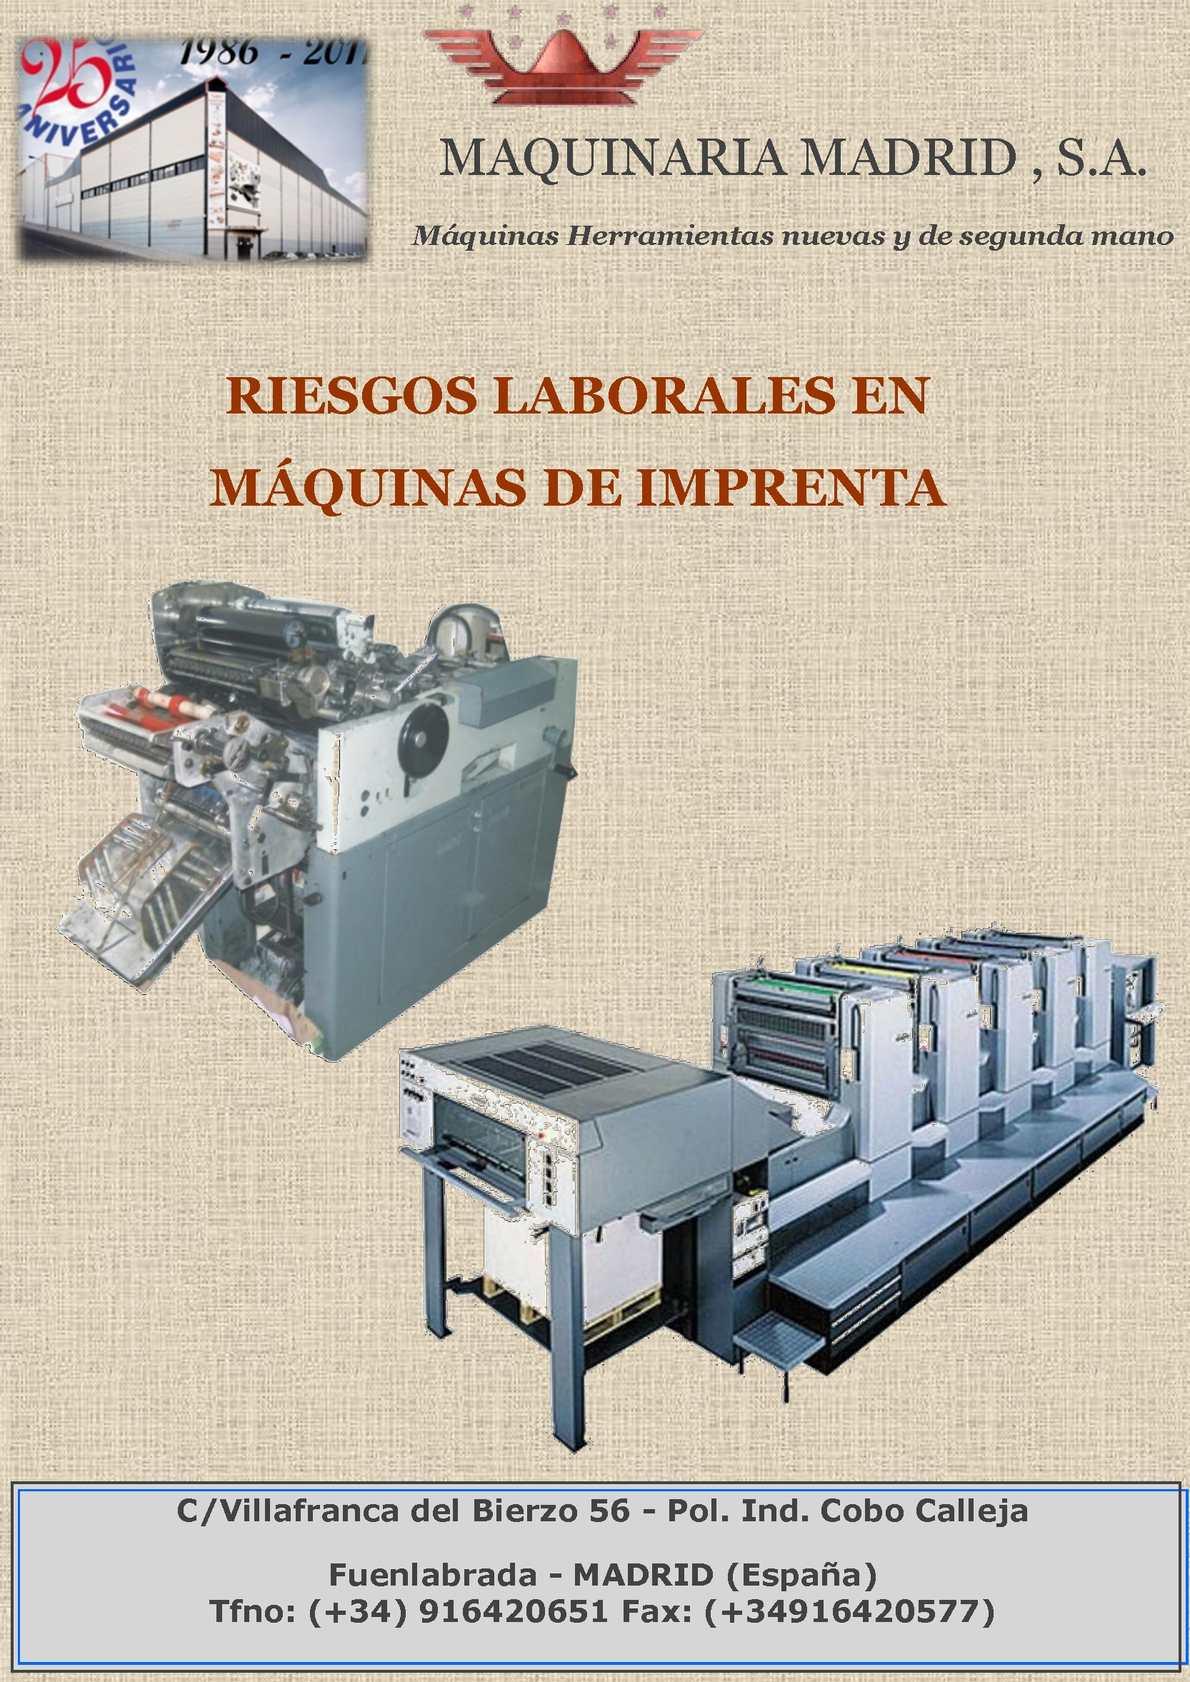 Calaméo - Riesgos máquinas Imprenta